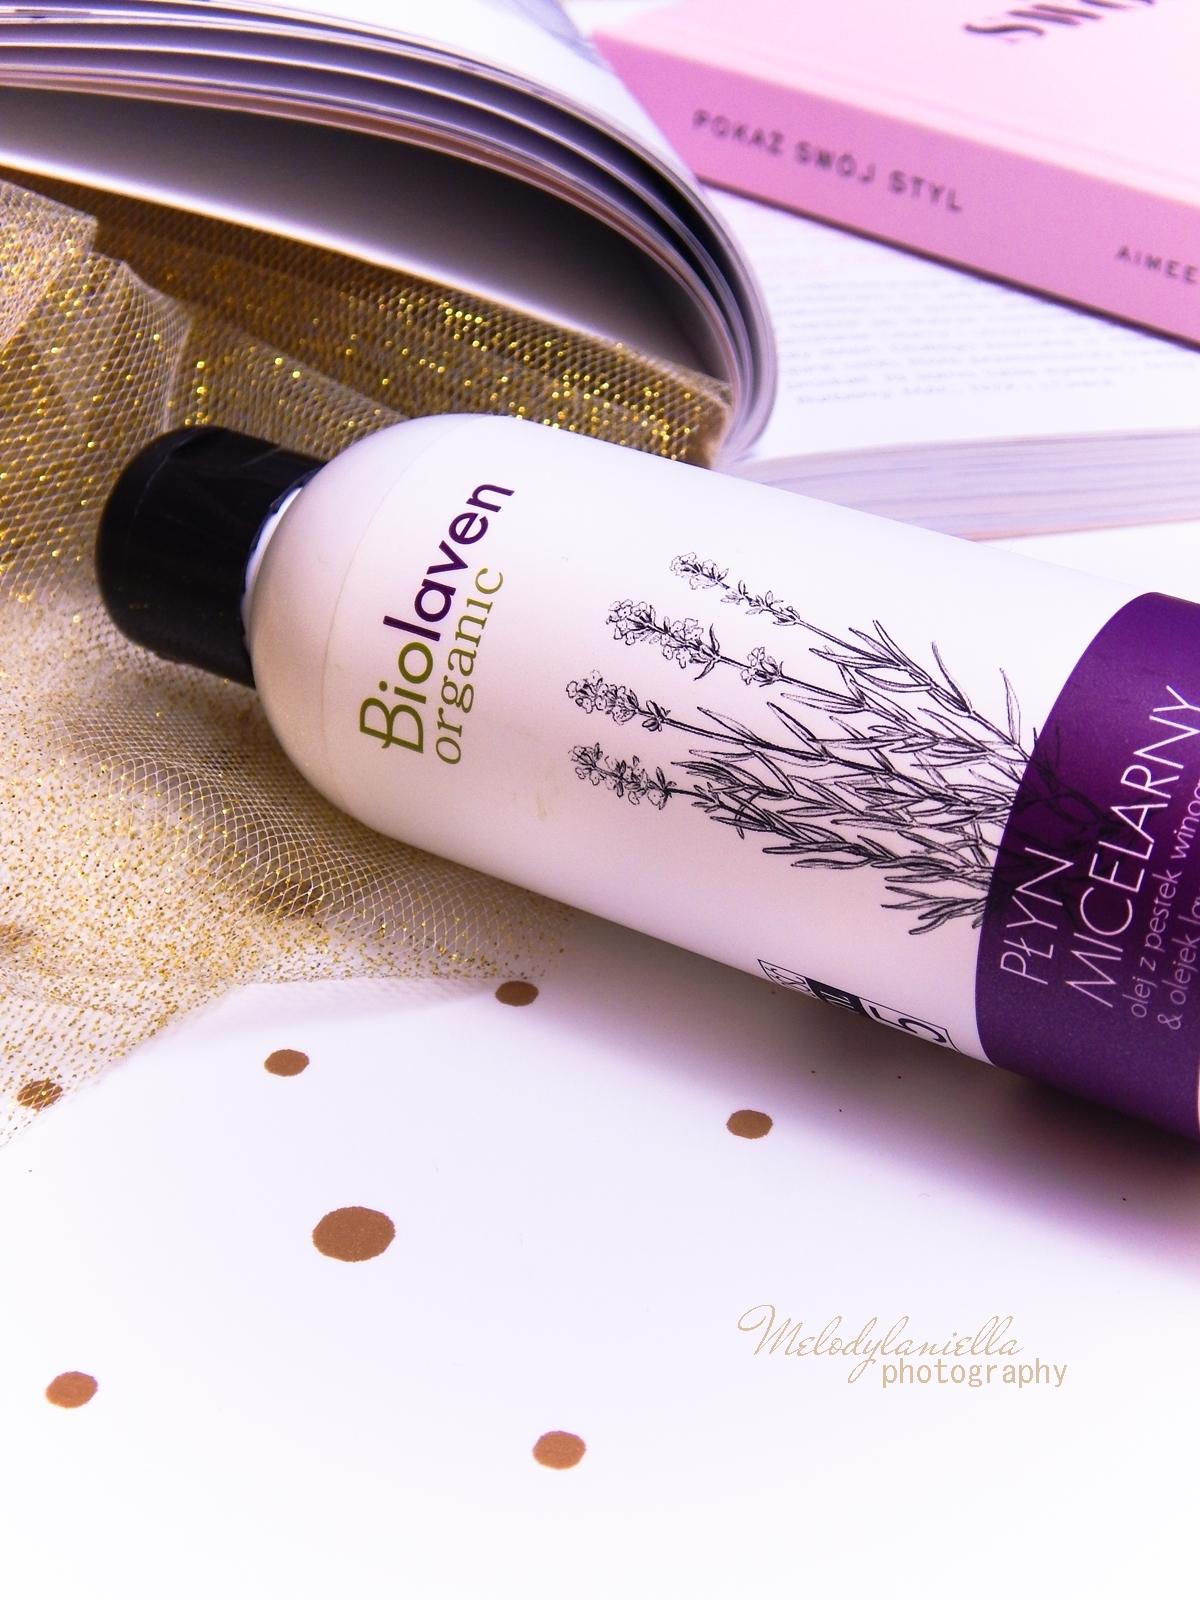 6 biolaven organic płyn micelarny olej z pestek winogron olejek lawendowy kosmetyki do demakijażu test płynu micelarnego melodylaniella twój styl 2015 polskie blogerki urodowe